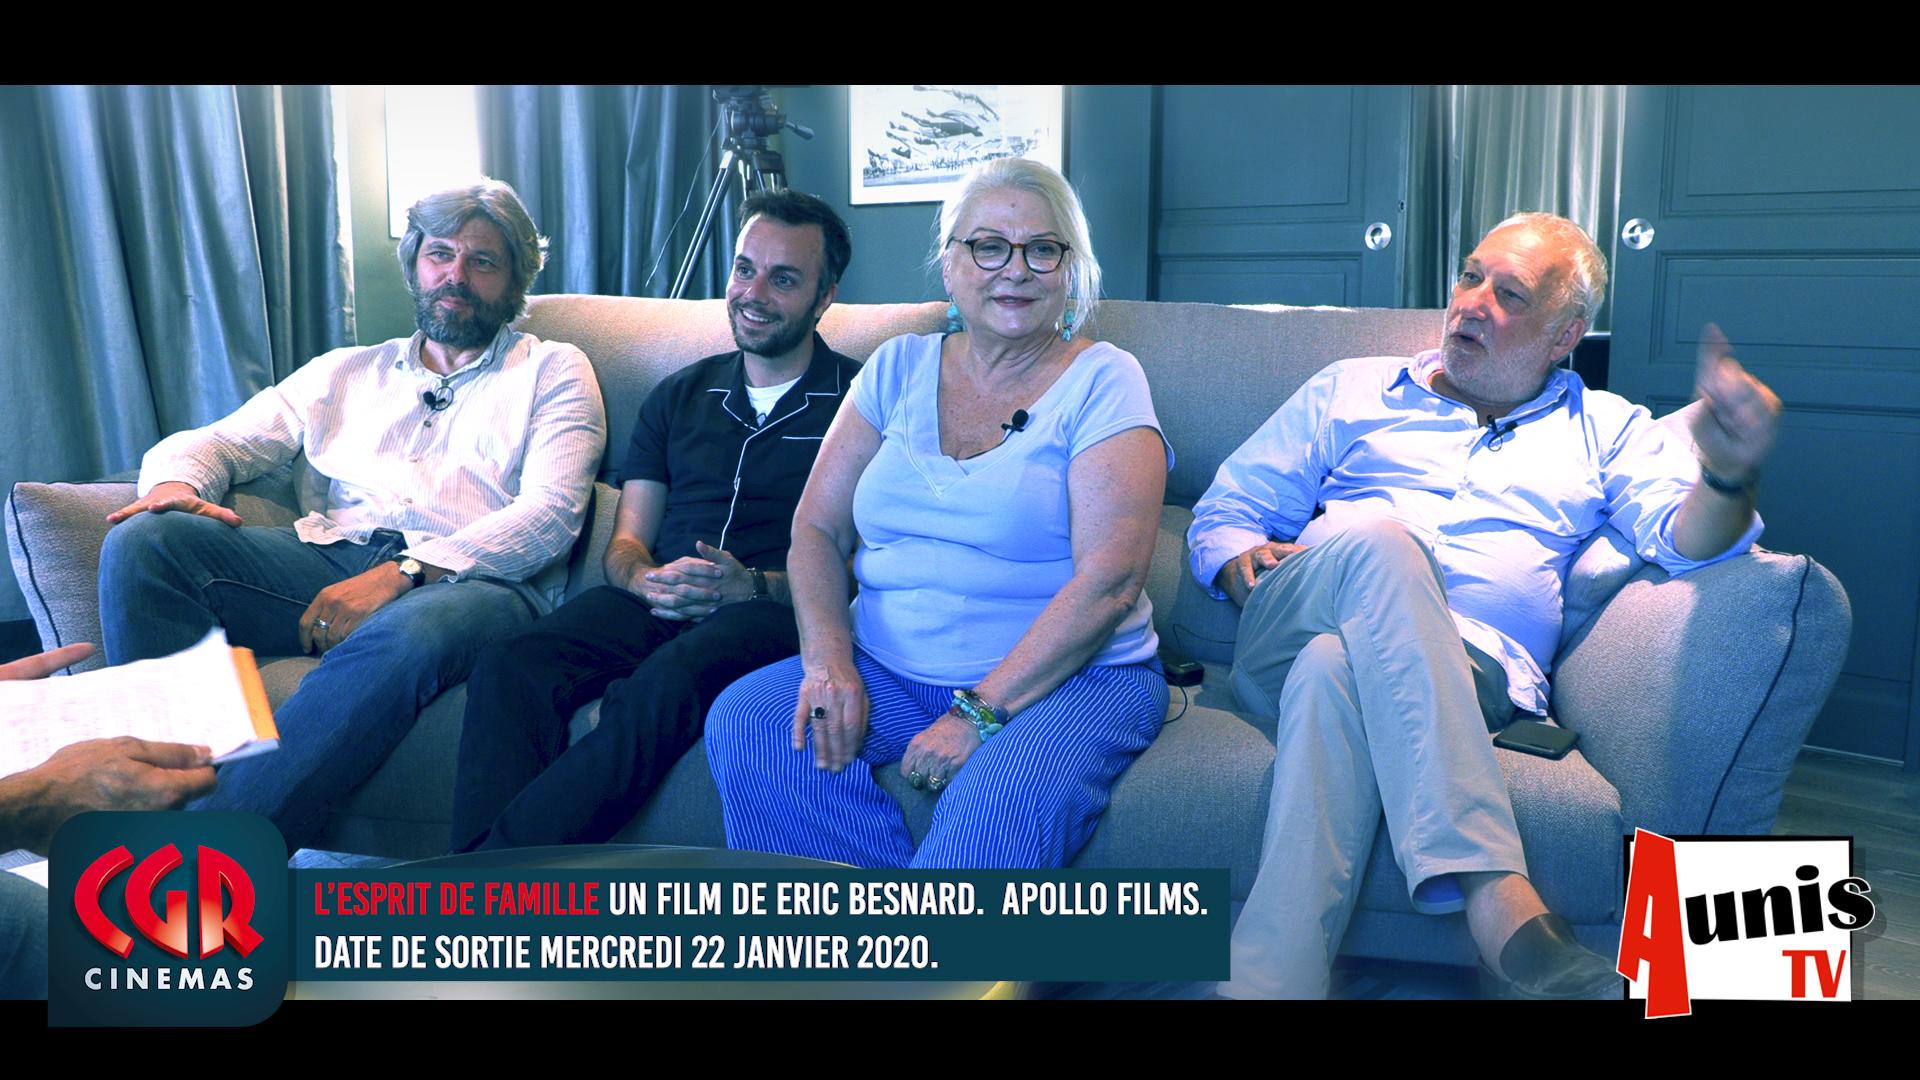 CGR cinémas Balasko Berléand film Esprit de famille